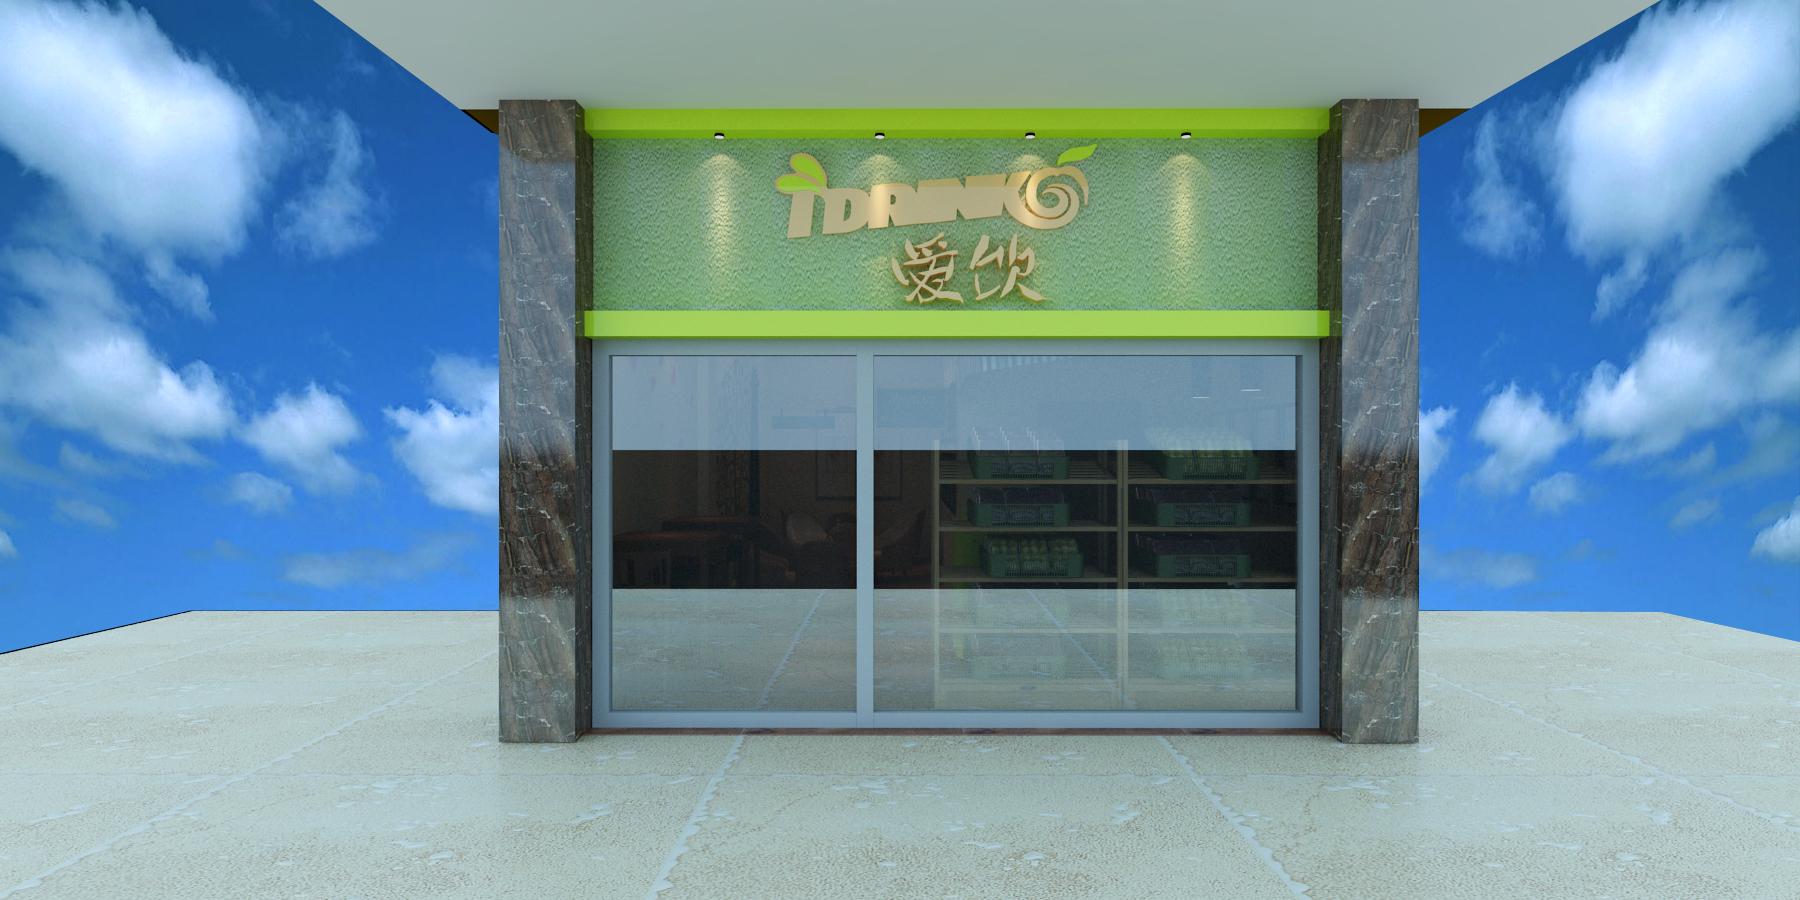 饮品店门头和店内装修效果图